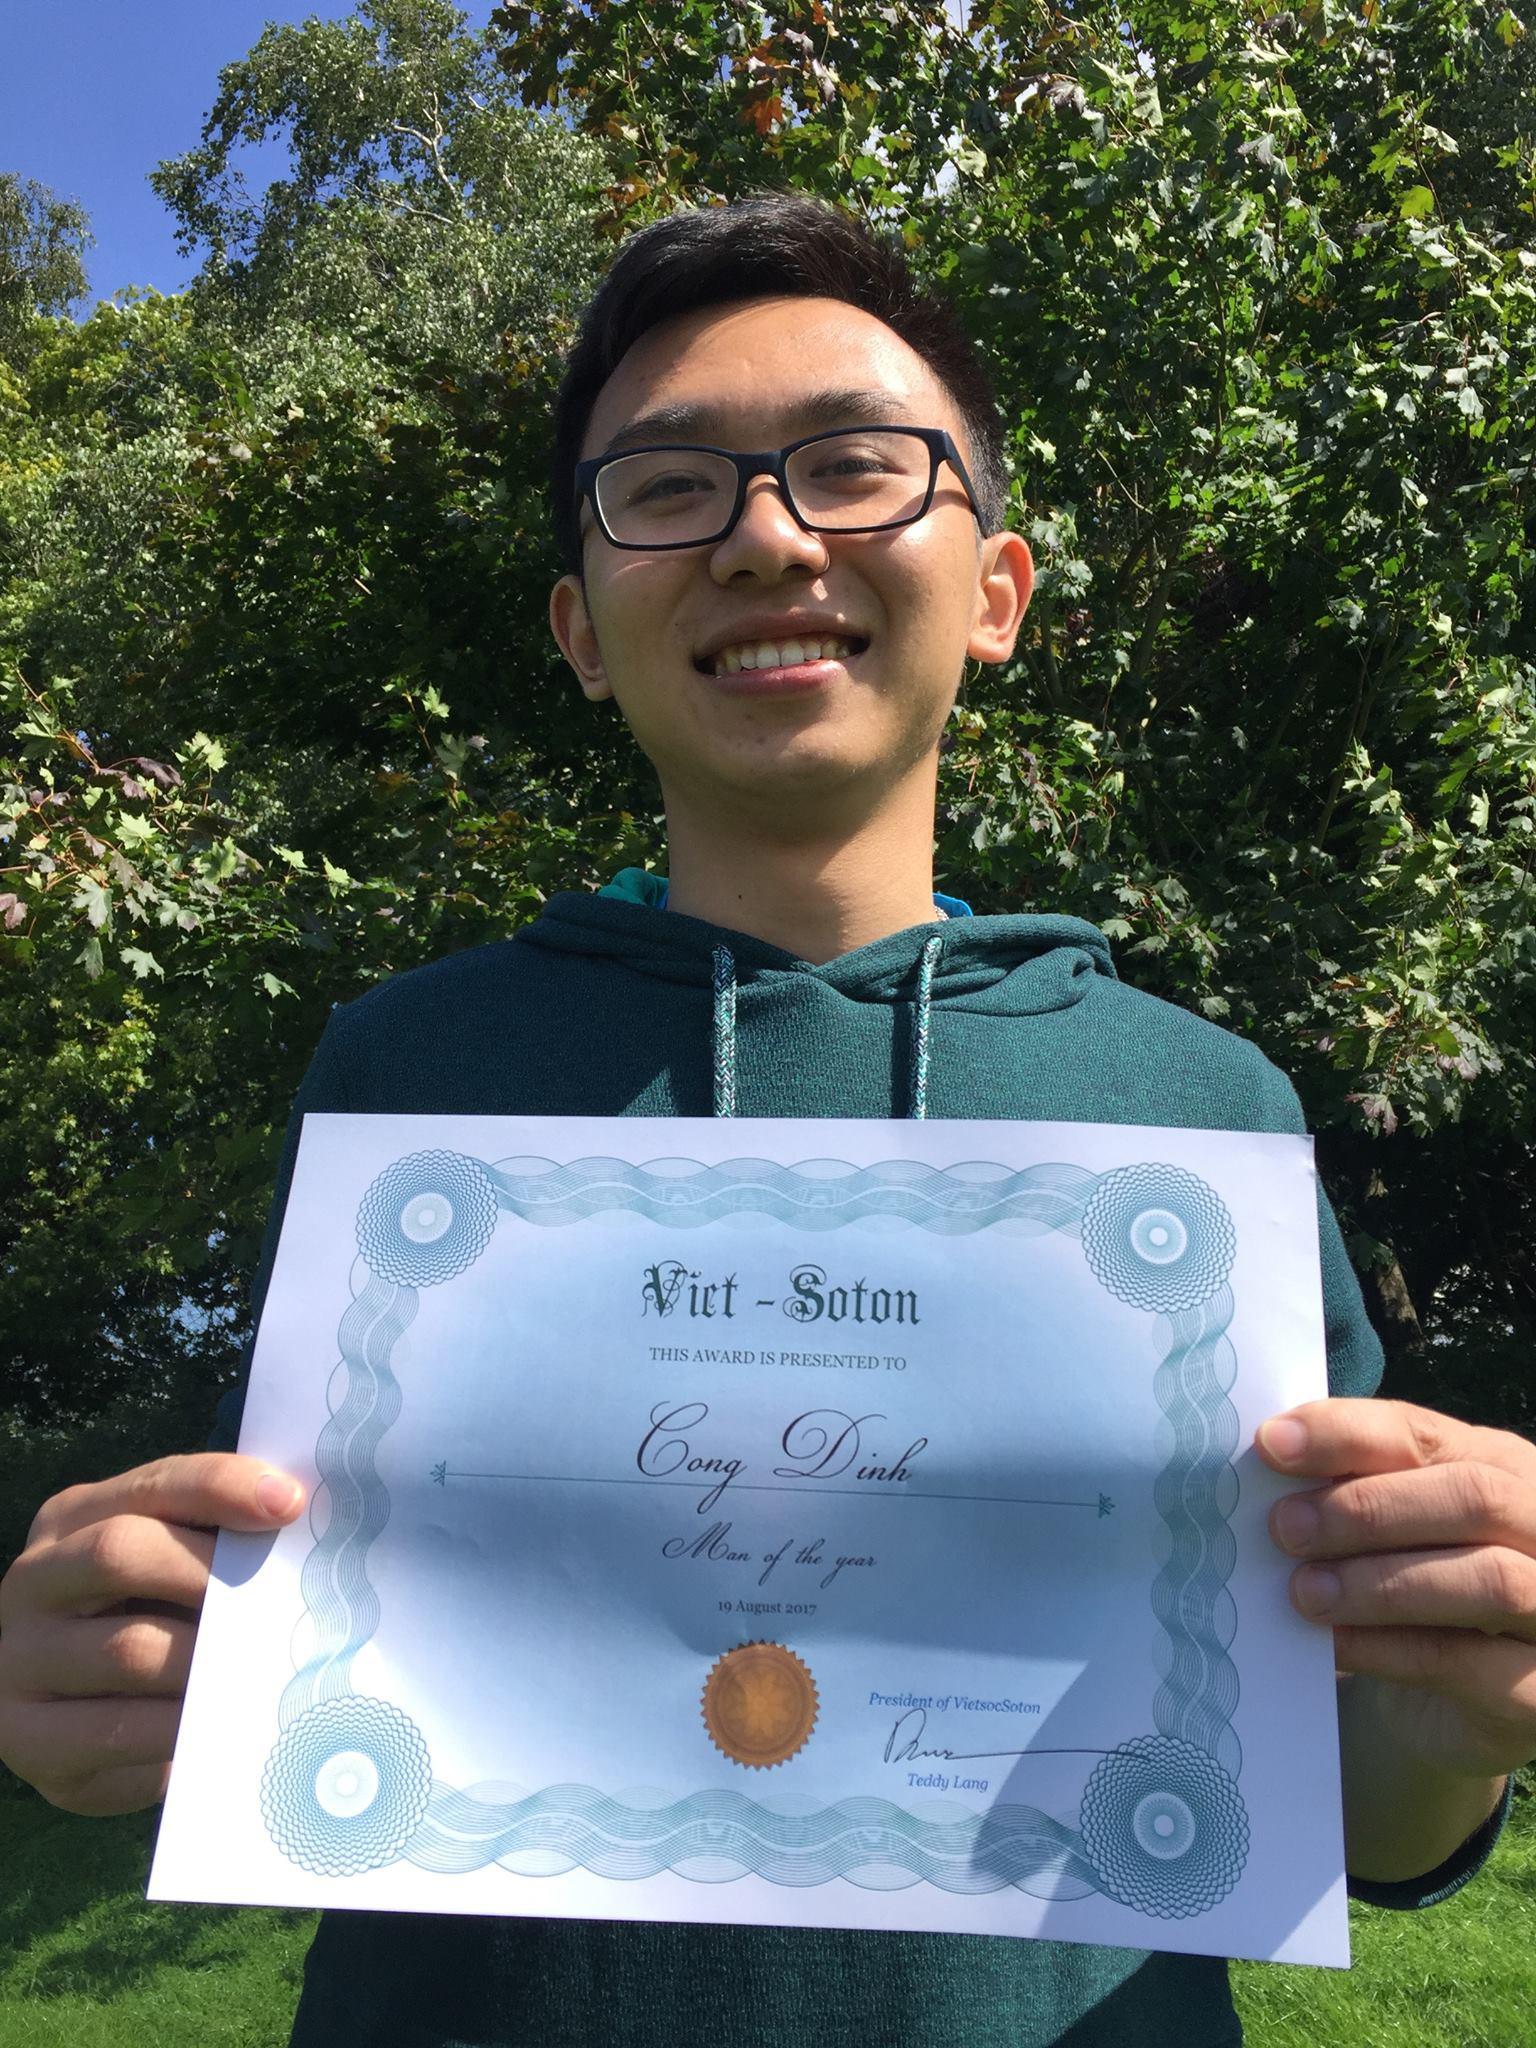 Chàng trai Hà Tĩnh chuẩn con nhà người ta: HCB Toán quốc tế, nhận học bổng tiến sĩ toàn phần khi mới học năm 3 - Ảnh 9.